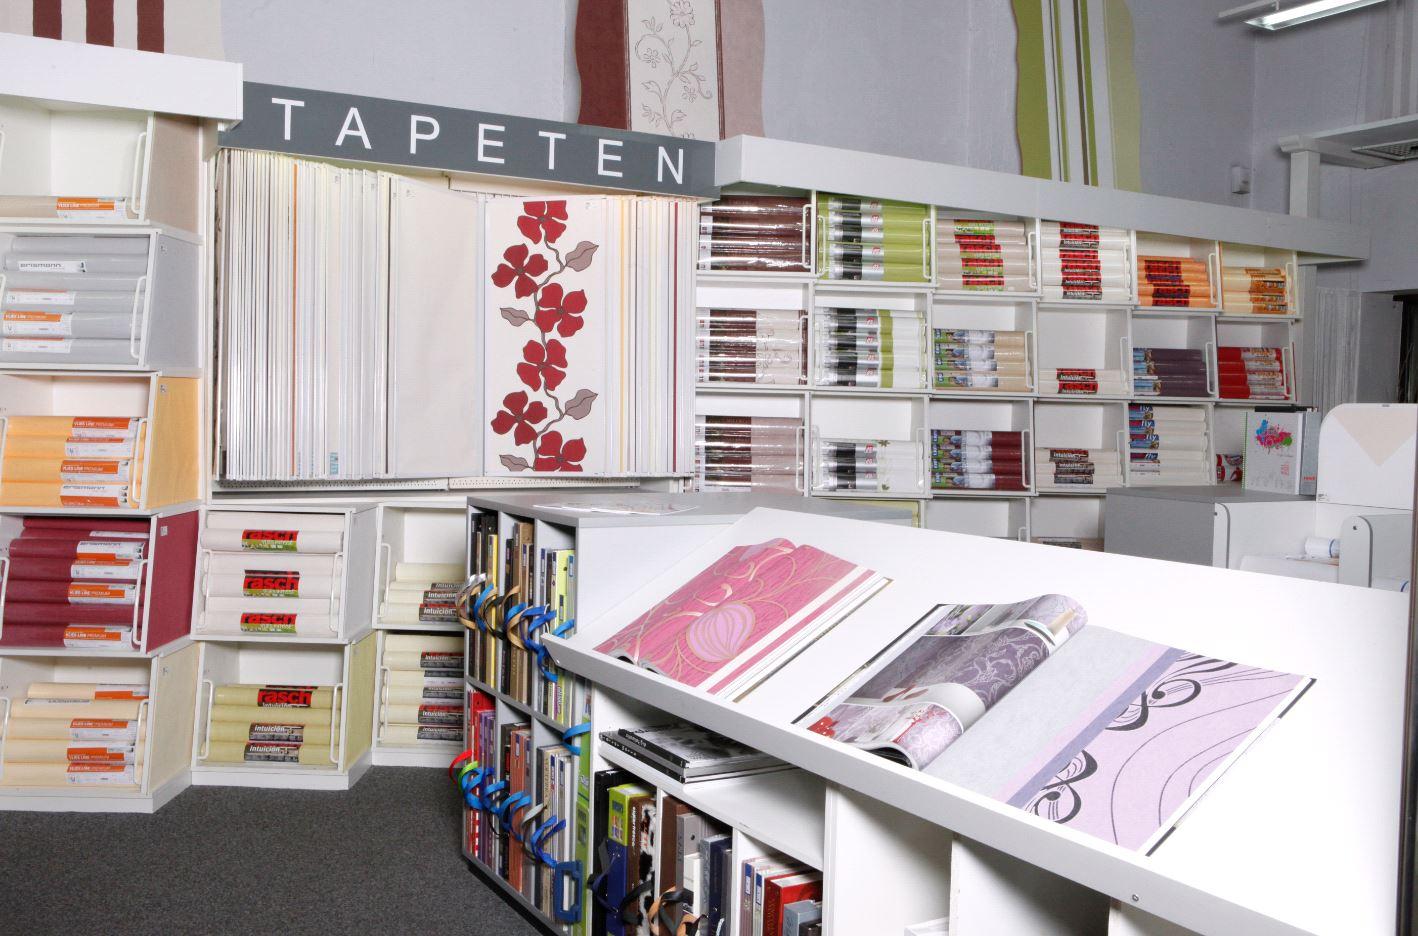 Farben und raumgestaltung wilhelm heimbach e k in lohr a for Raumgestaltung einzelhandel